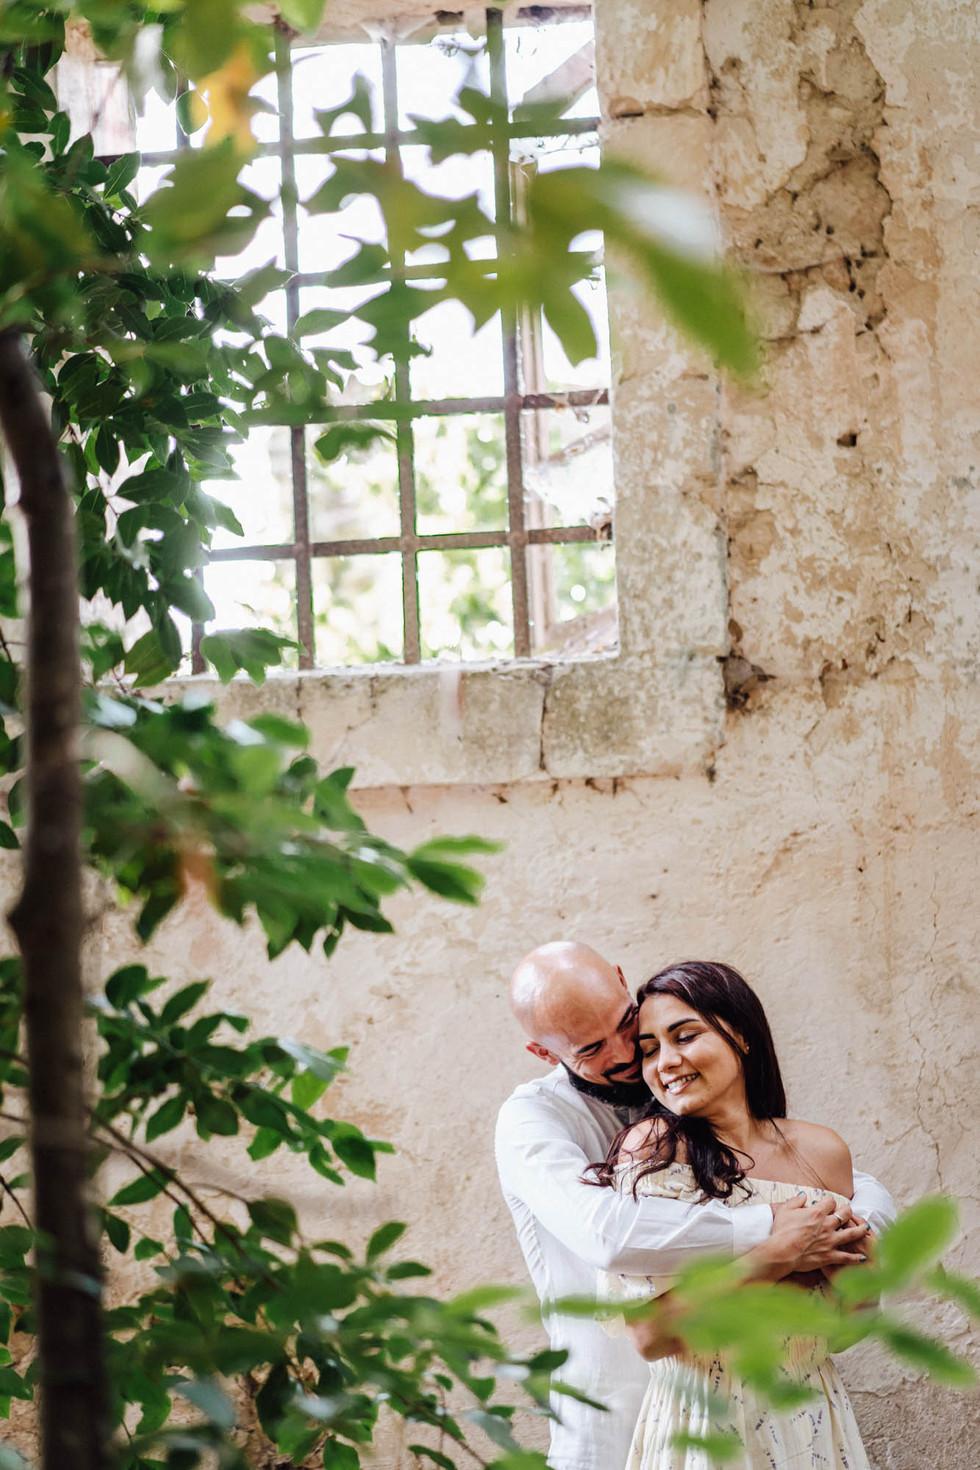 Foto di coppia in Sardegna _ Prematrimoniale romantico nel verde_31.jpg